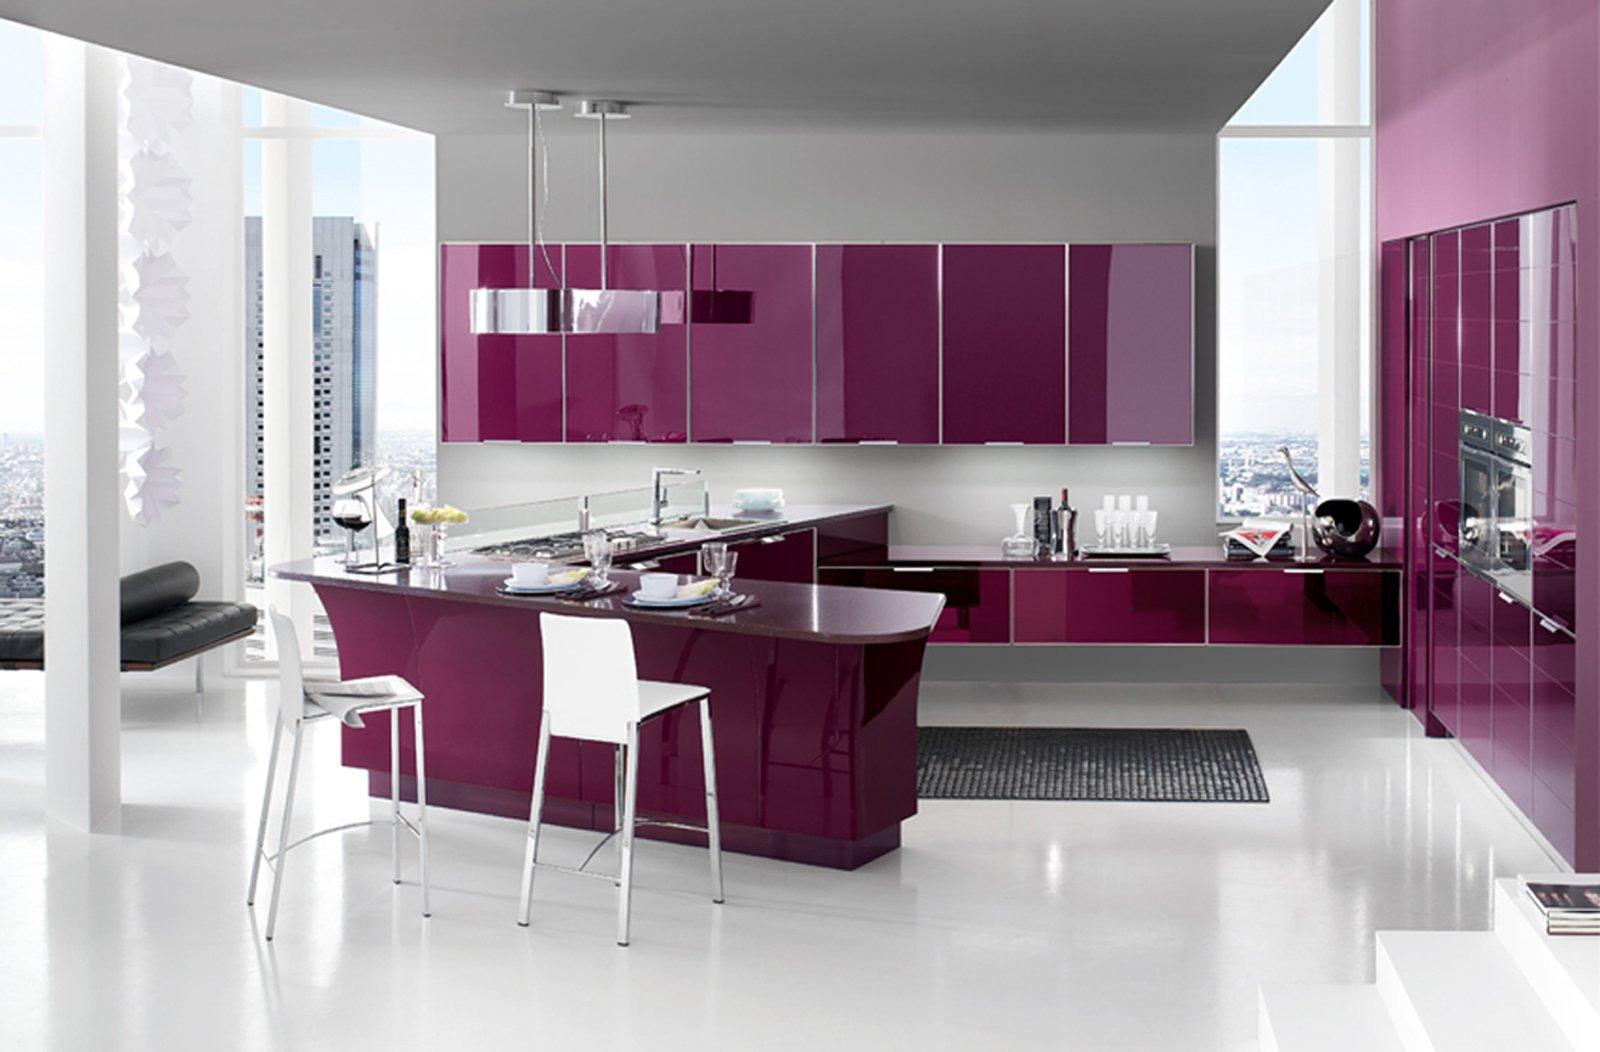 è Uno Dei Modelli Del Nuovo Sistema Look System Di Stosa Cucine  #642546 1600 1052 Immagini Di Cucine Arte Povera